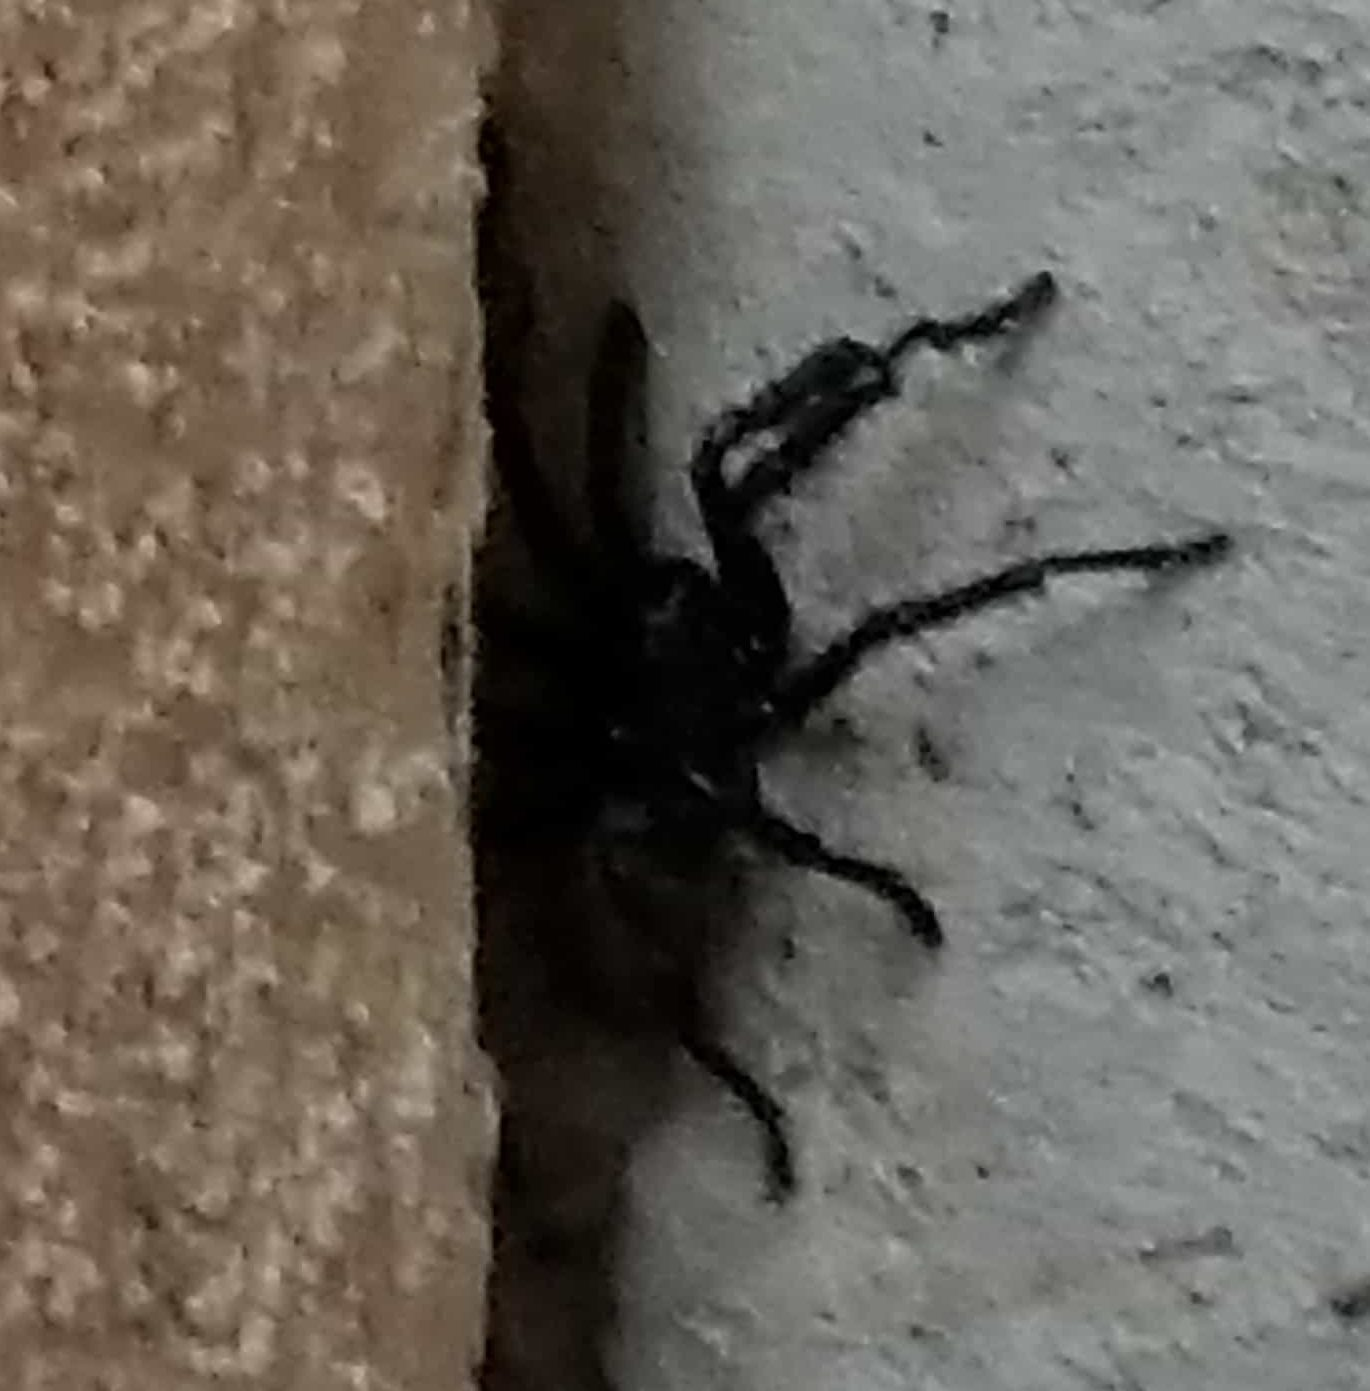 Picture of Bothriocyrtum californicum (California Trapdoor Spider) - Male - Lateral